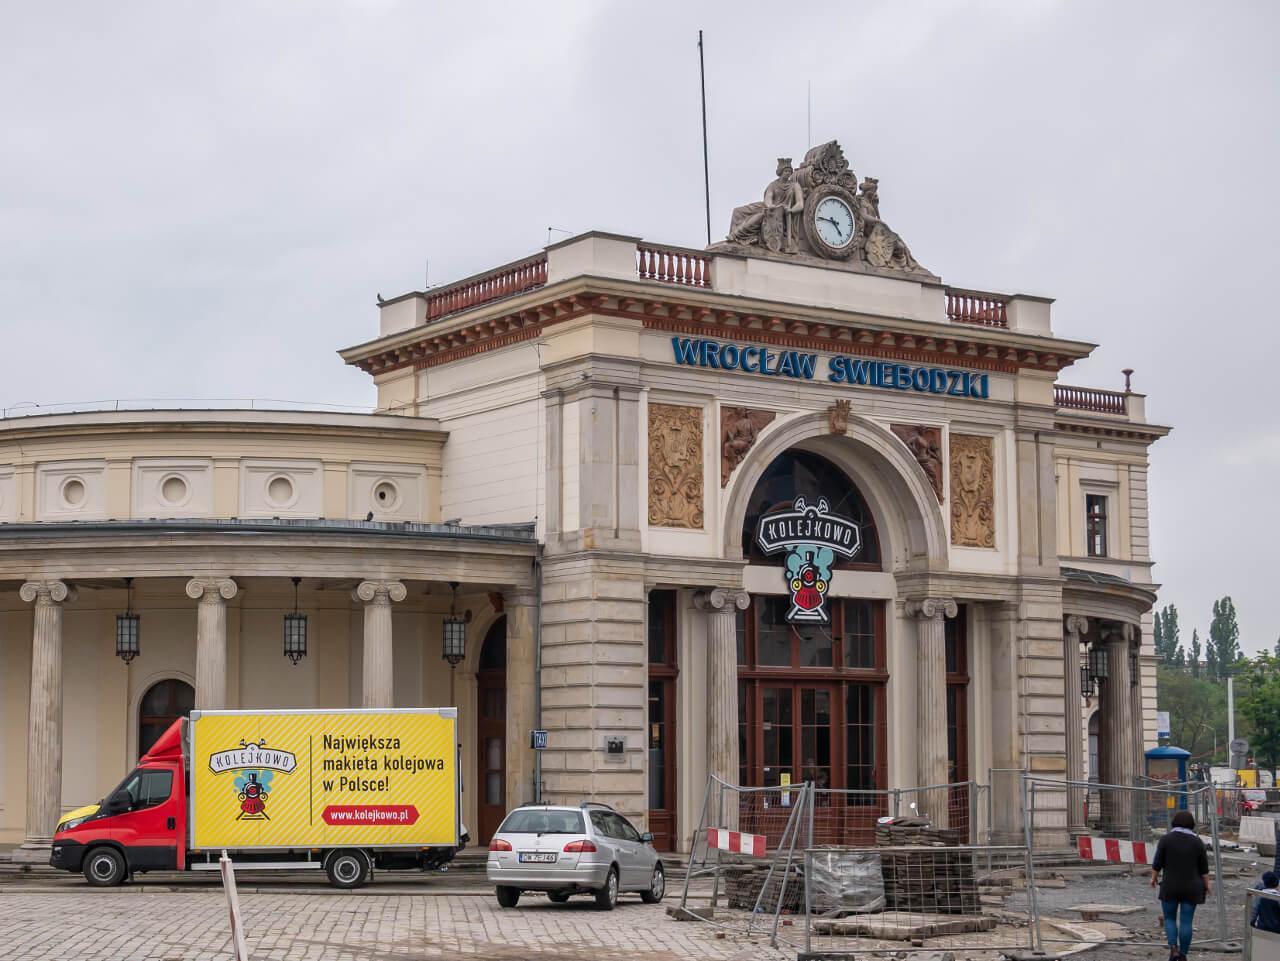 dworzec wrocław świebodzki